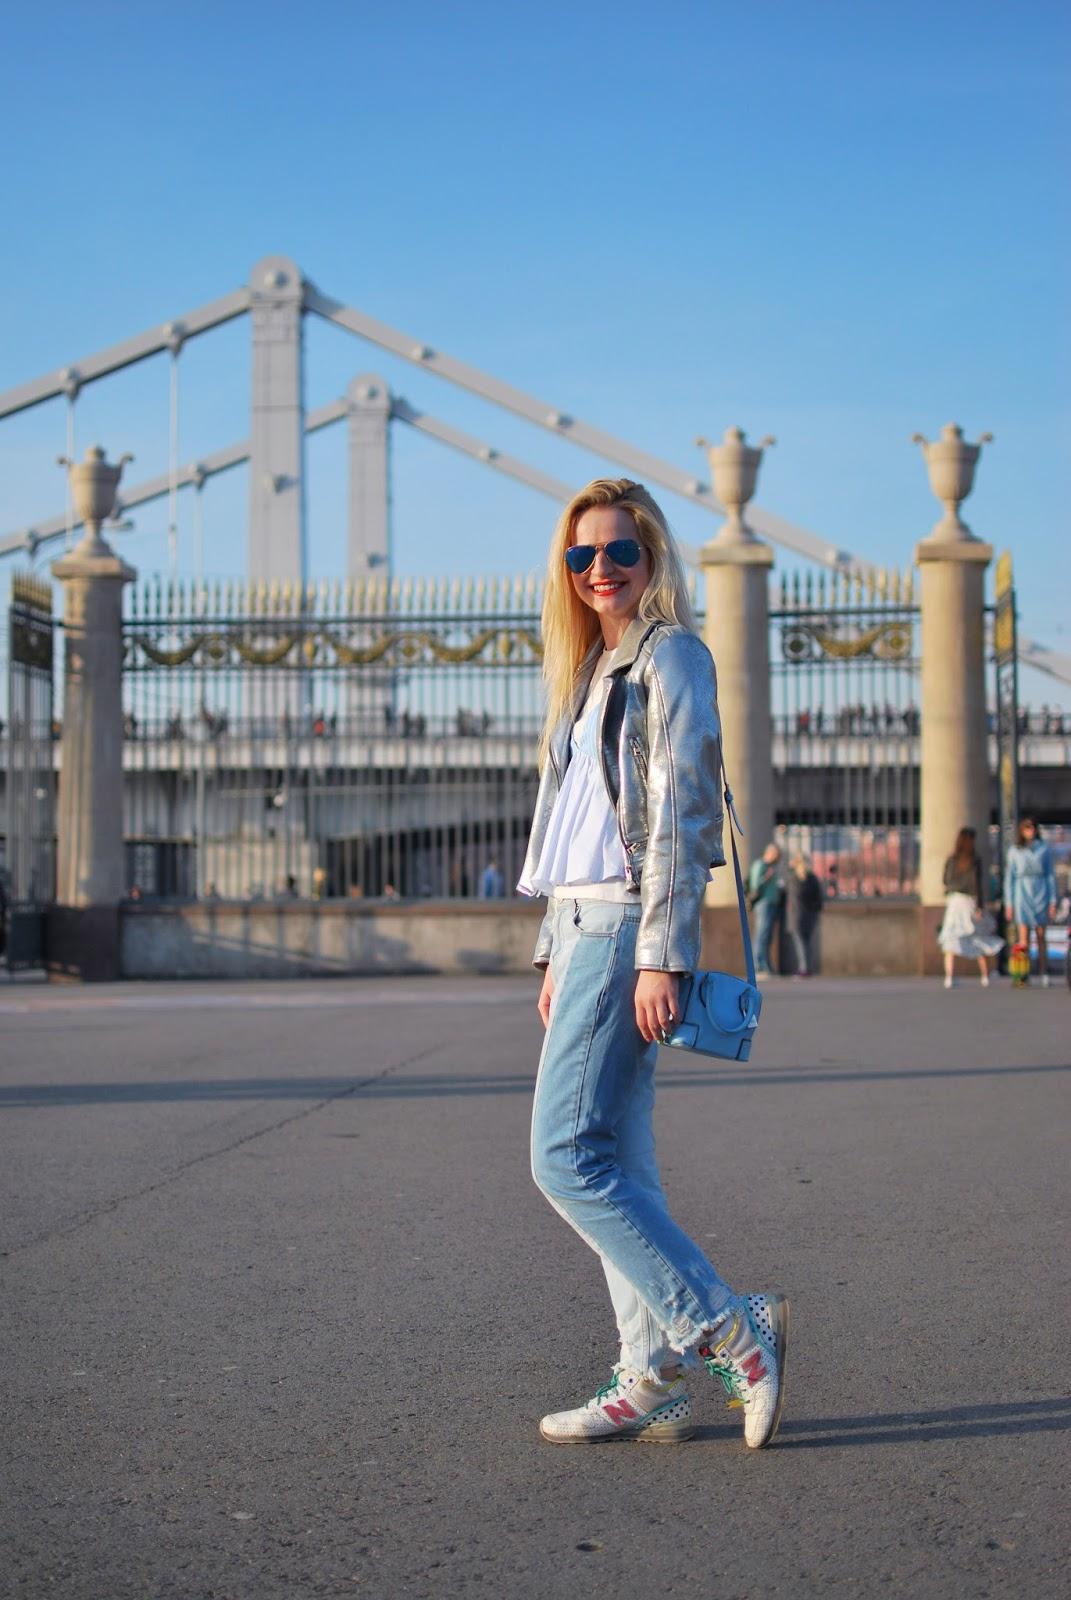 аутфит, джинсы,модные джинсы, модный тенденция, фото модный, модные блоггеры, модный лук